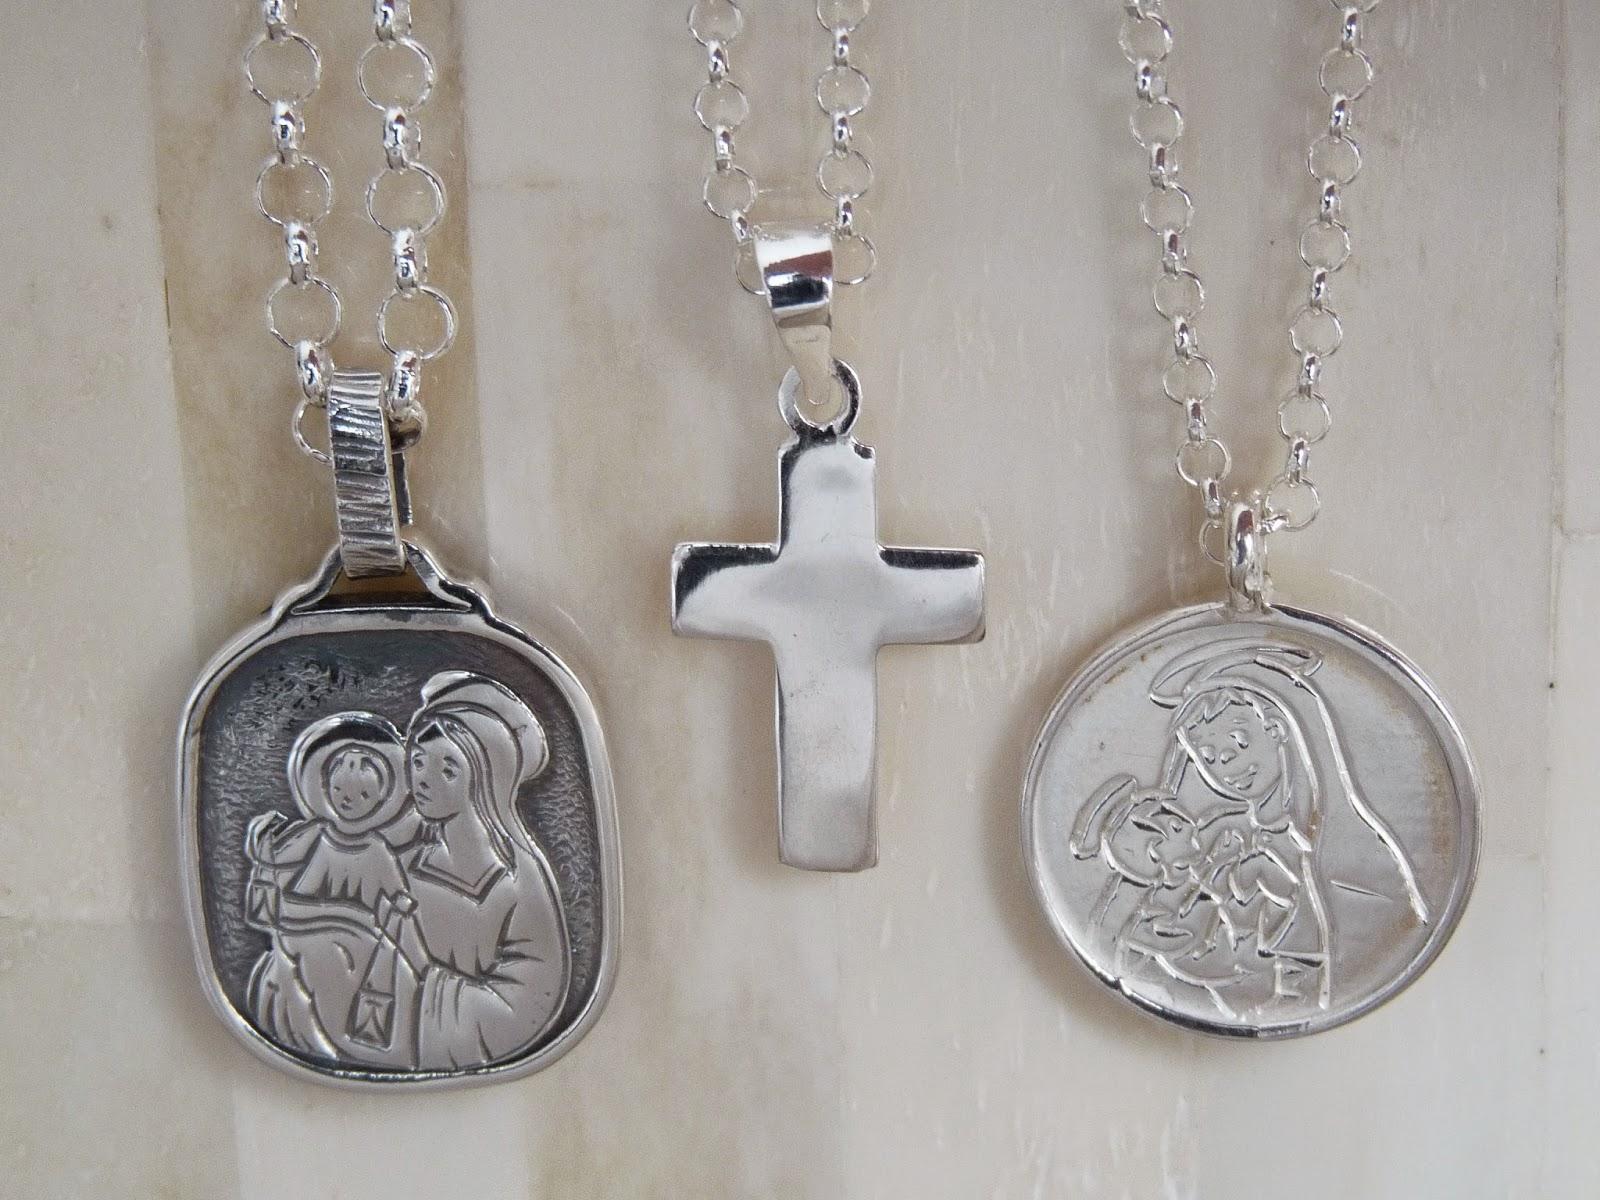 bce4b6c256f 1  Medalla escapulario con la Virgen del Carmen en un lado y el Sagrado  Corazón en el otro